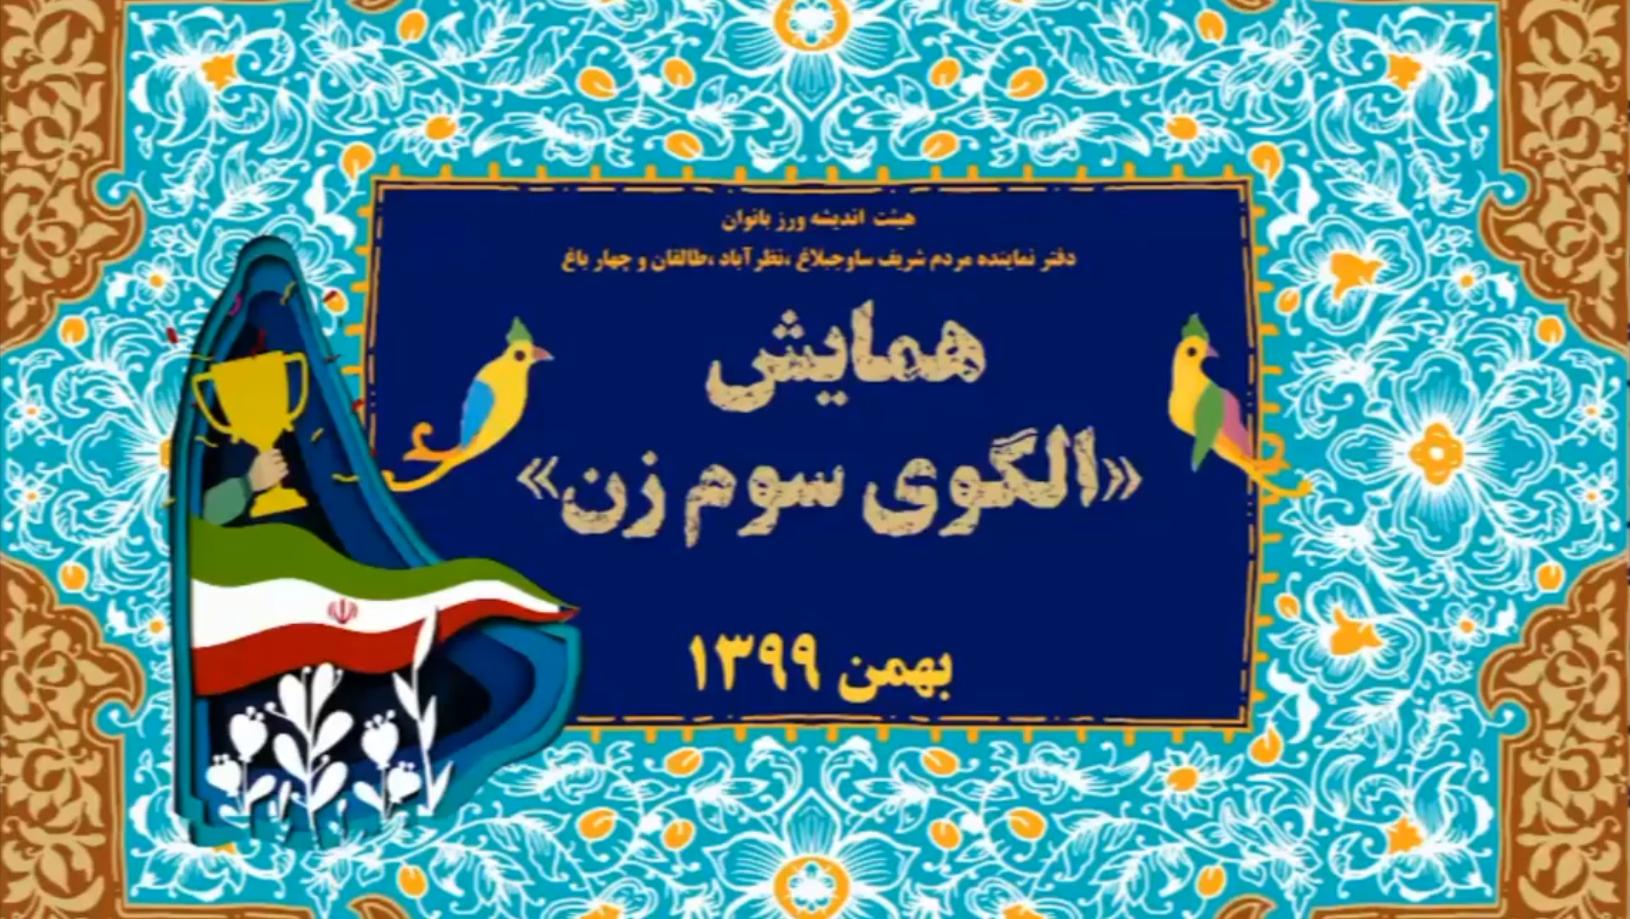 مروری بر همایش الگوی سوم زن مسلمان